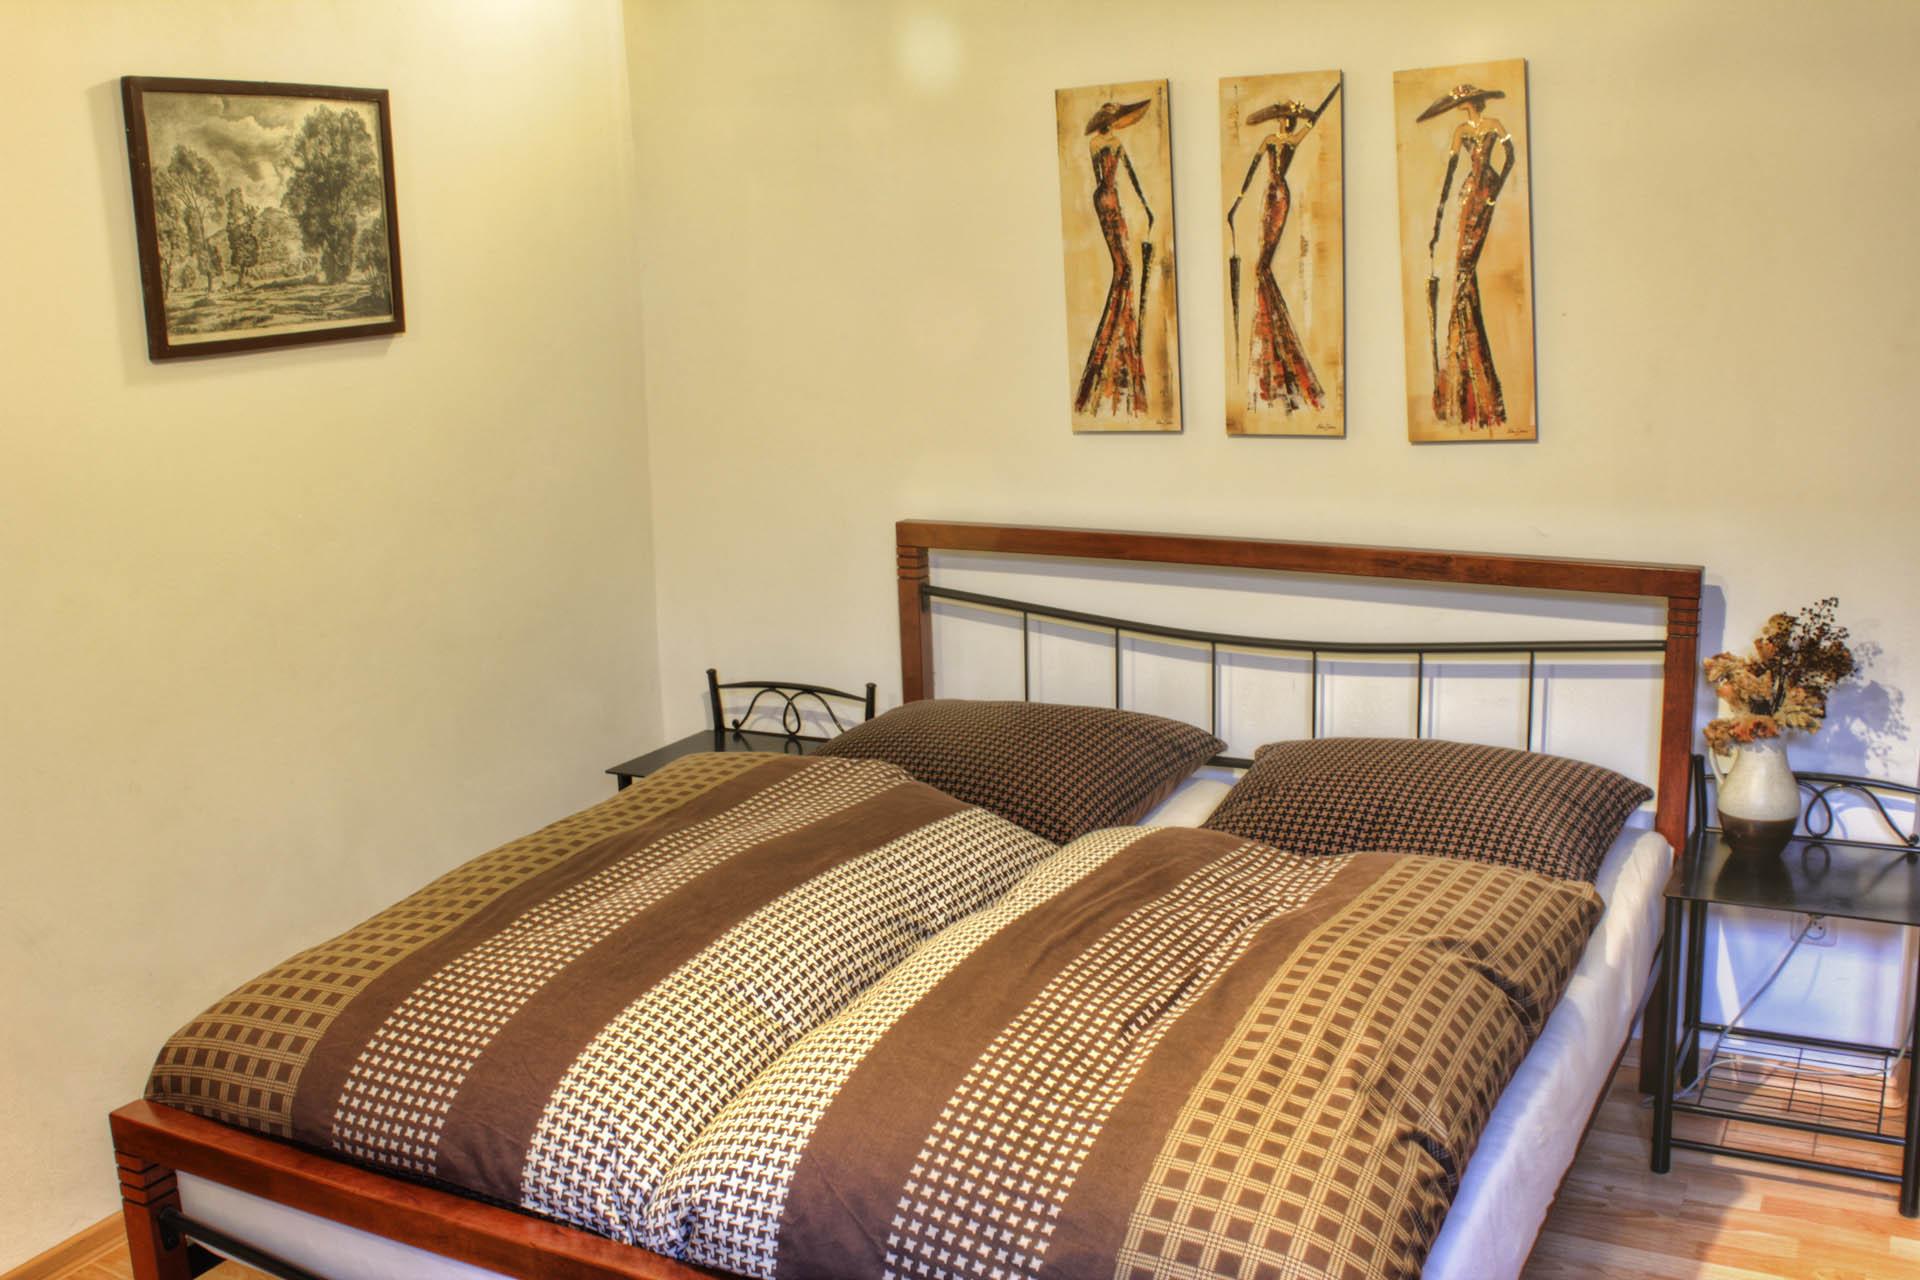 Manželská postel s lůžkovinami pro alergiky a nočními stolky v pokoji Bianka